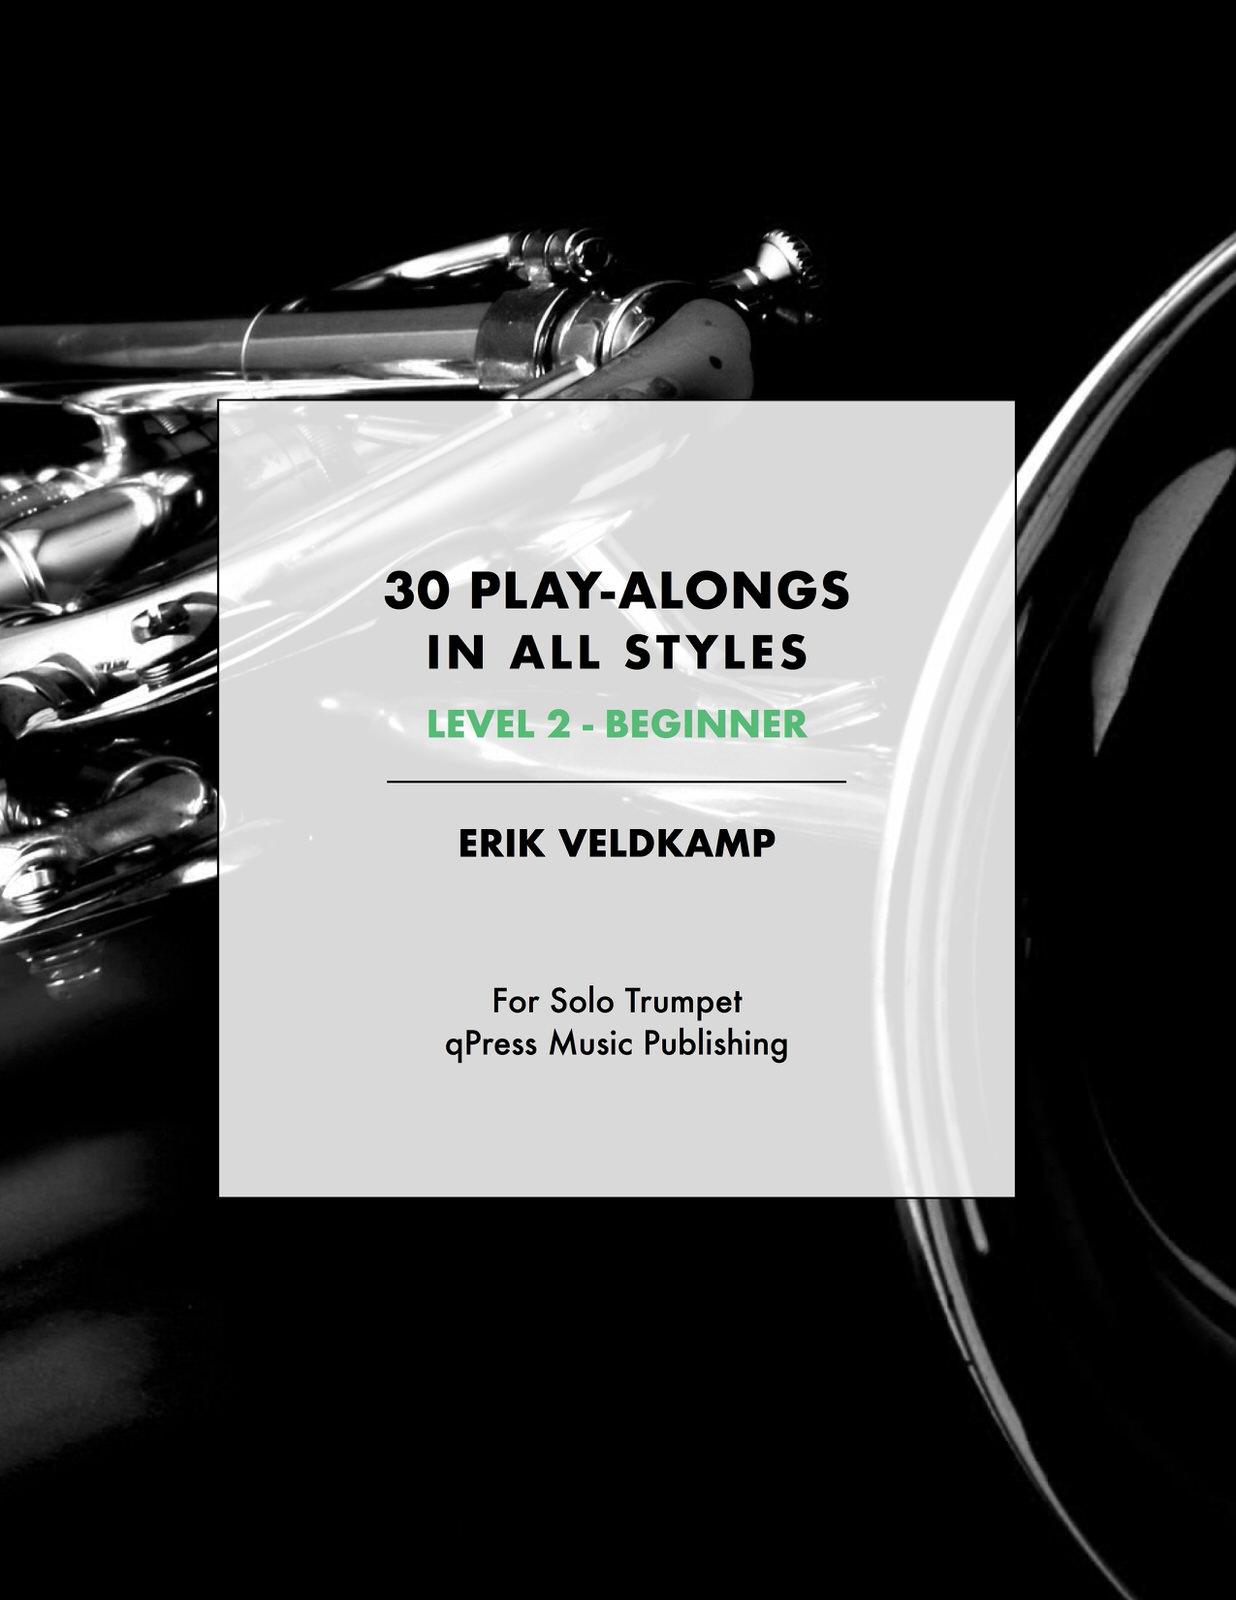 Veldkamp, 30 Play-Alongs in All Styles Level 2 (Beginner)-p01